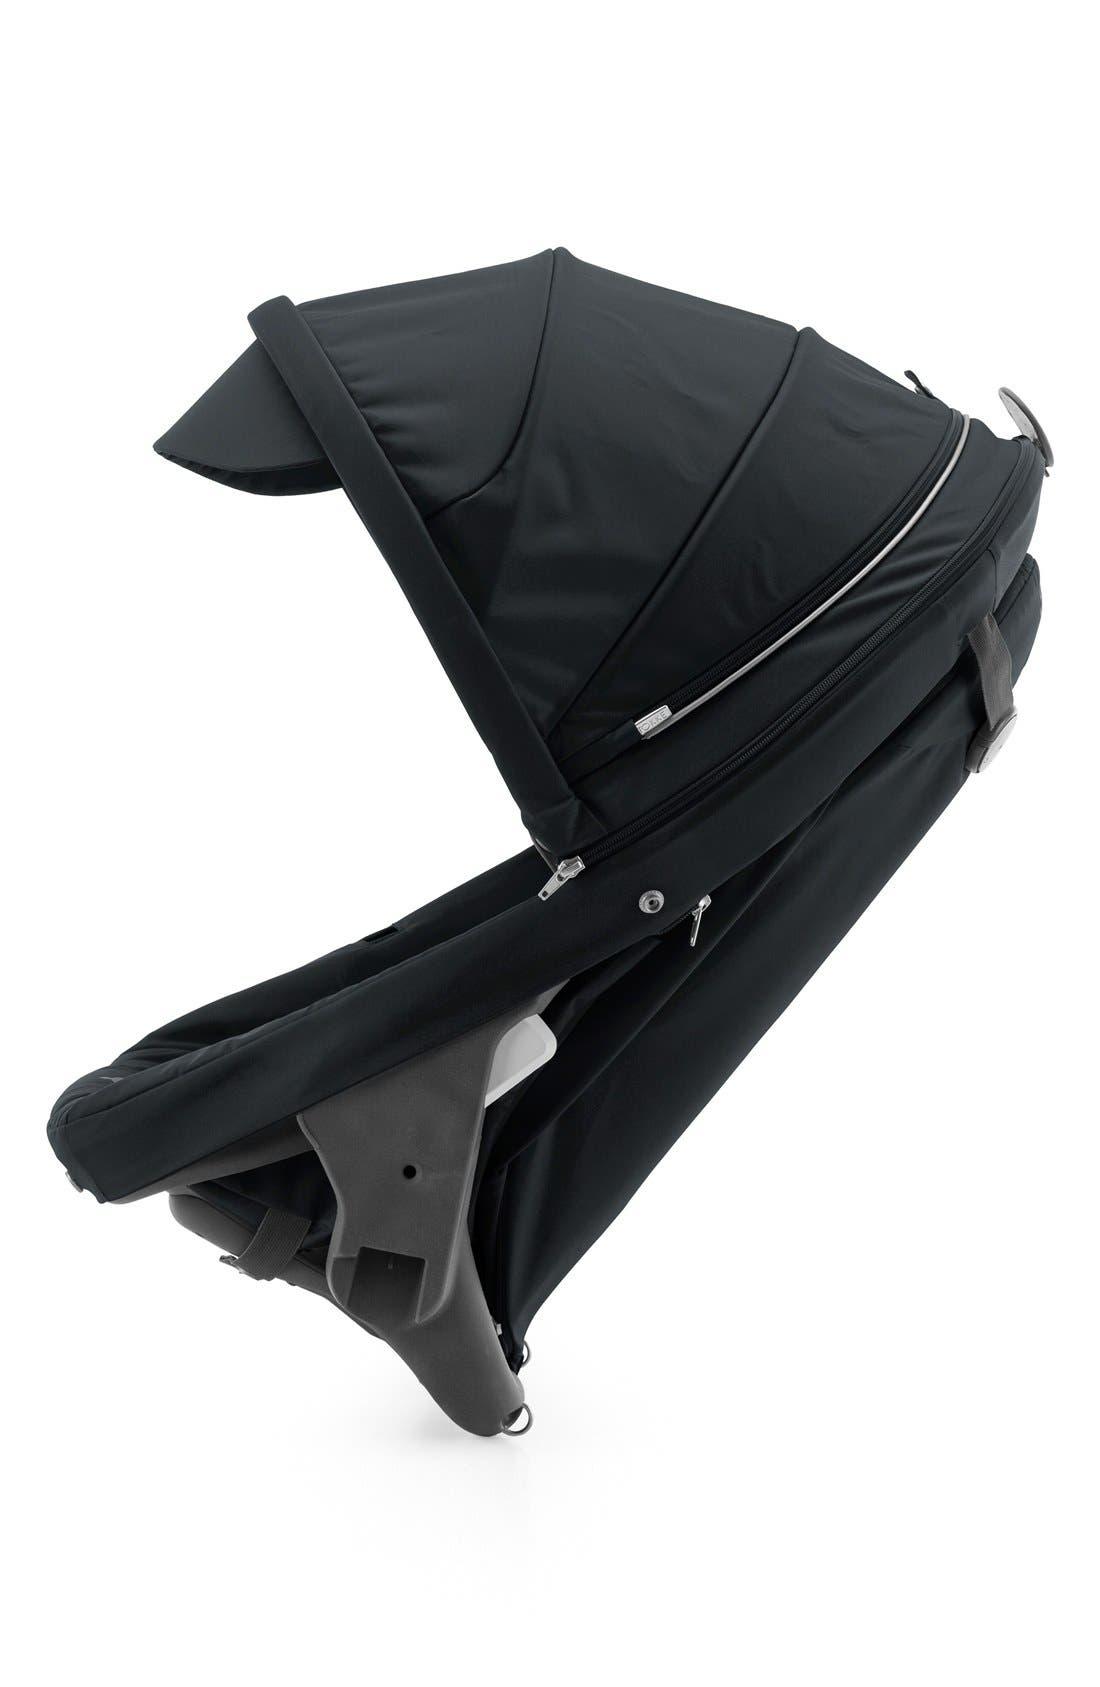 Main Image - Stokke 'Crusi' Sibling Seat